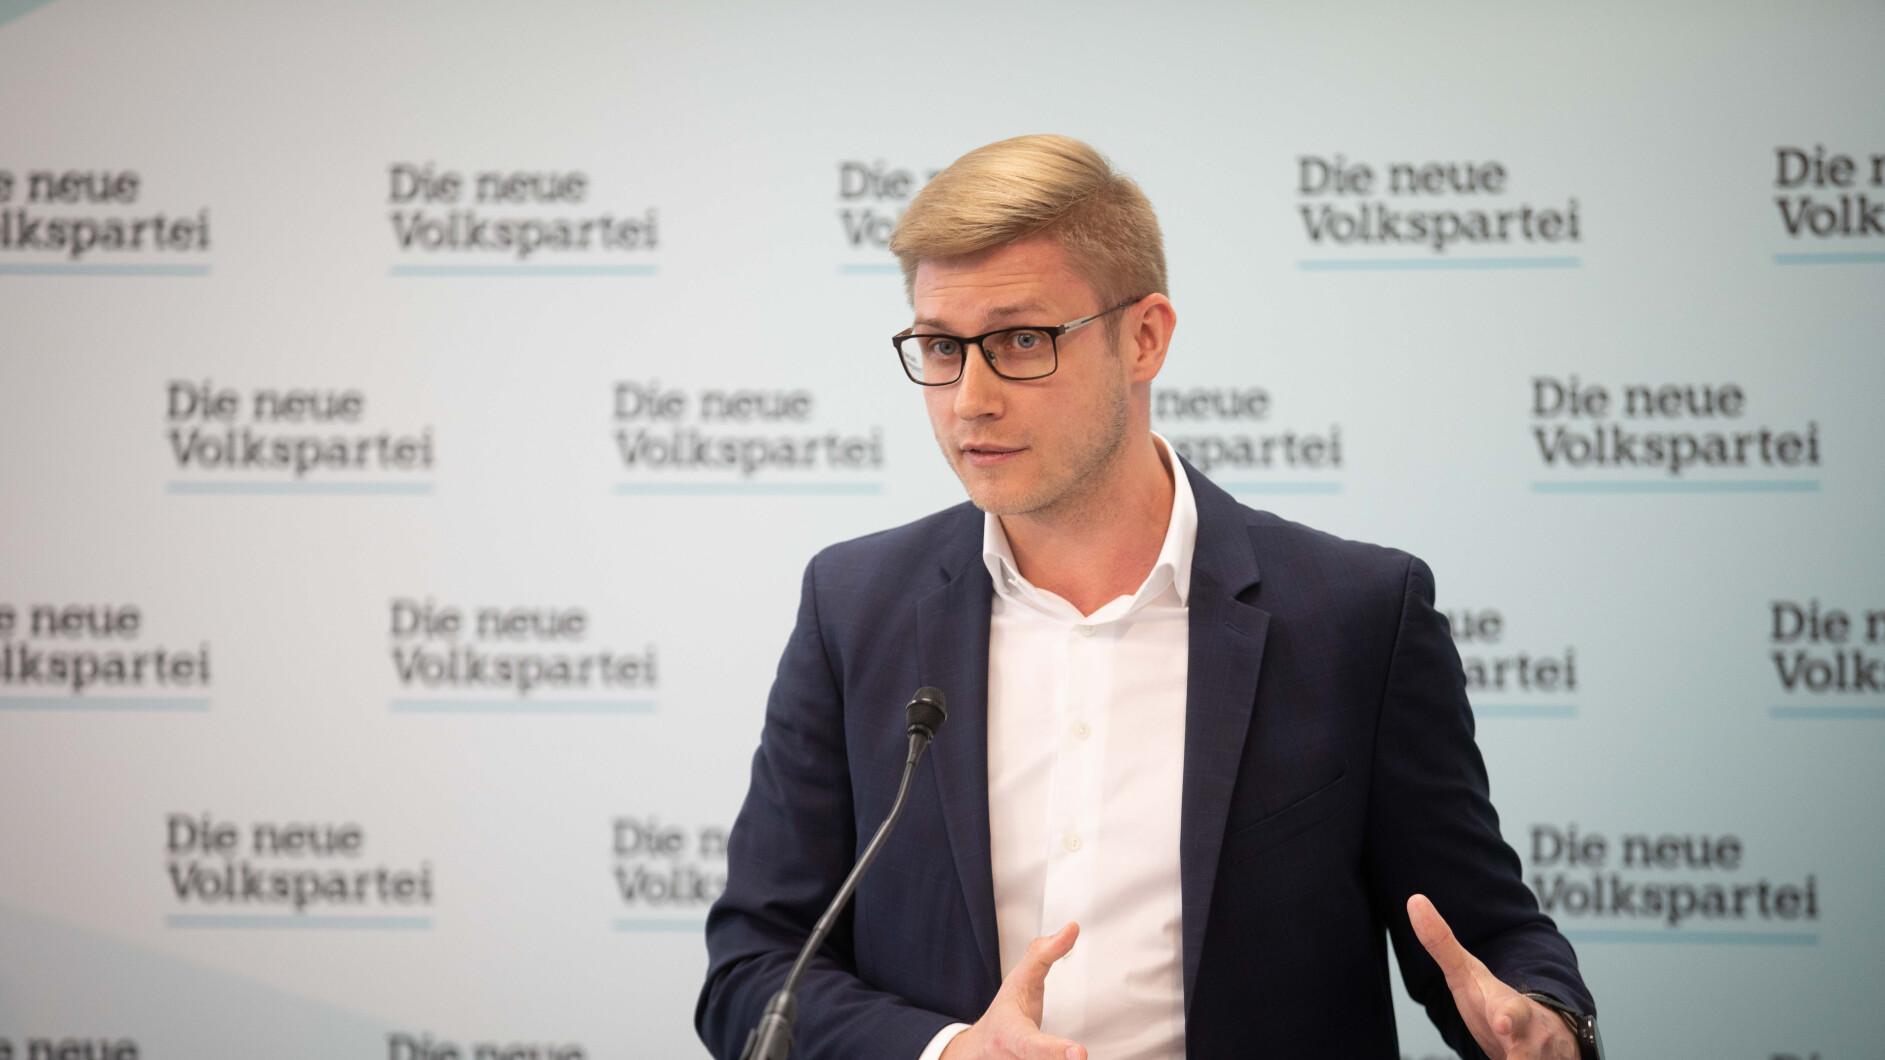 -VP-gegen-SP-Neuer-Schlagabtausch-um-Commerzialbank